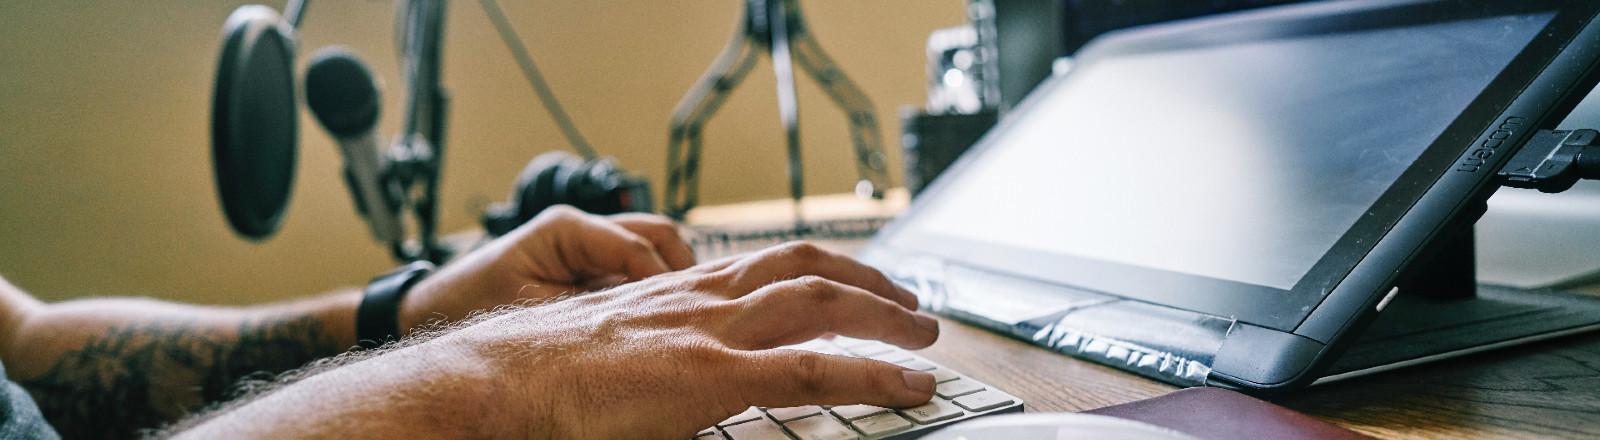 Mann sitzt am Computer am Schreibtisch.